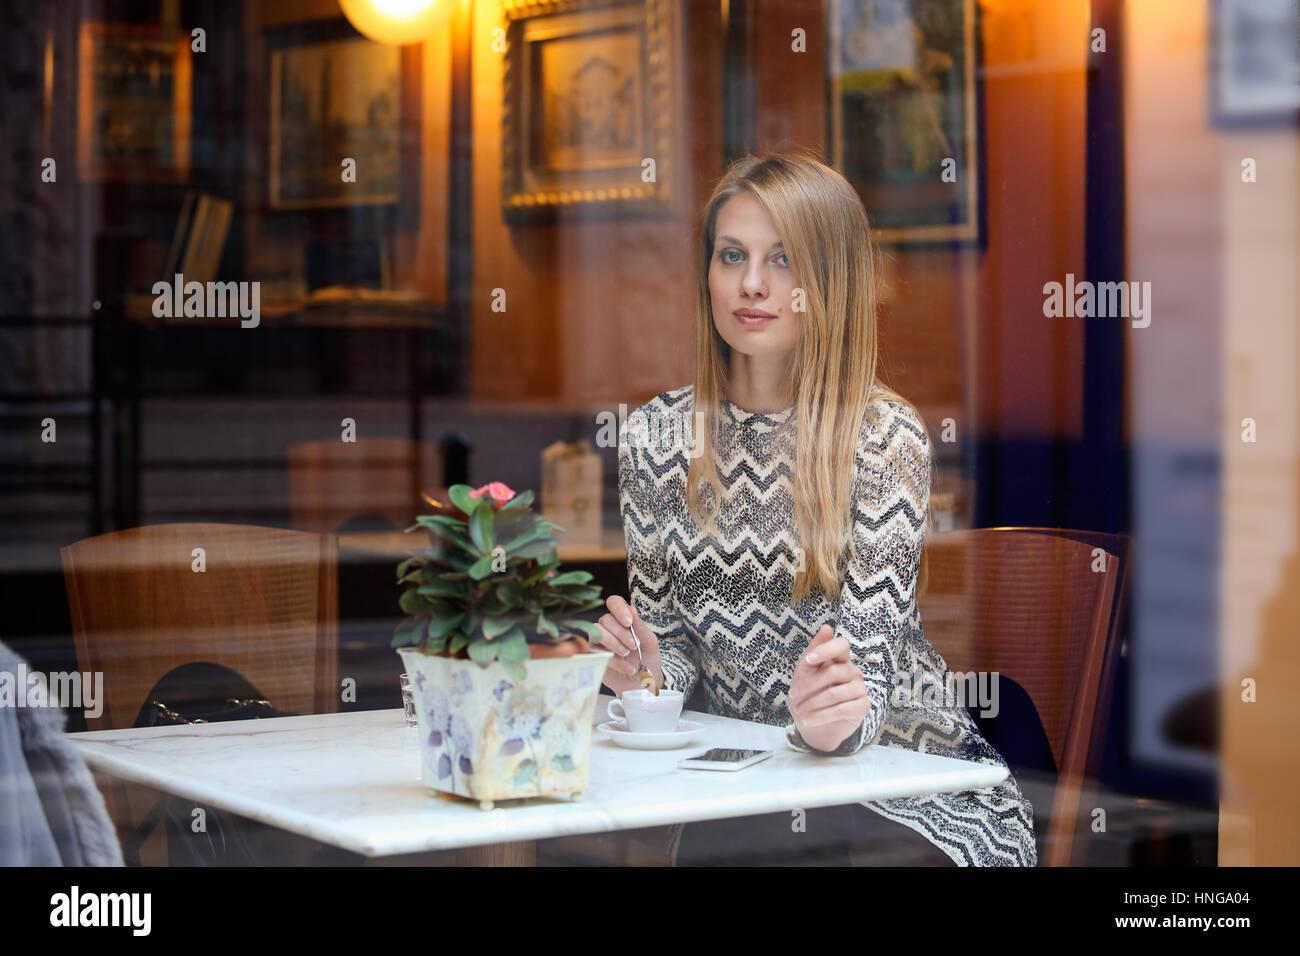 Hermosa mujer elegante en una elegante cafetería de la ciudad. El estilo de vida urbano Imagen De Stock